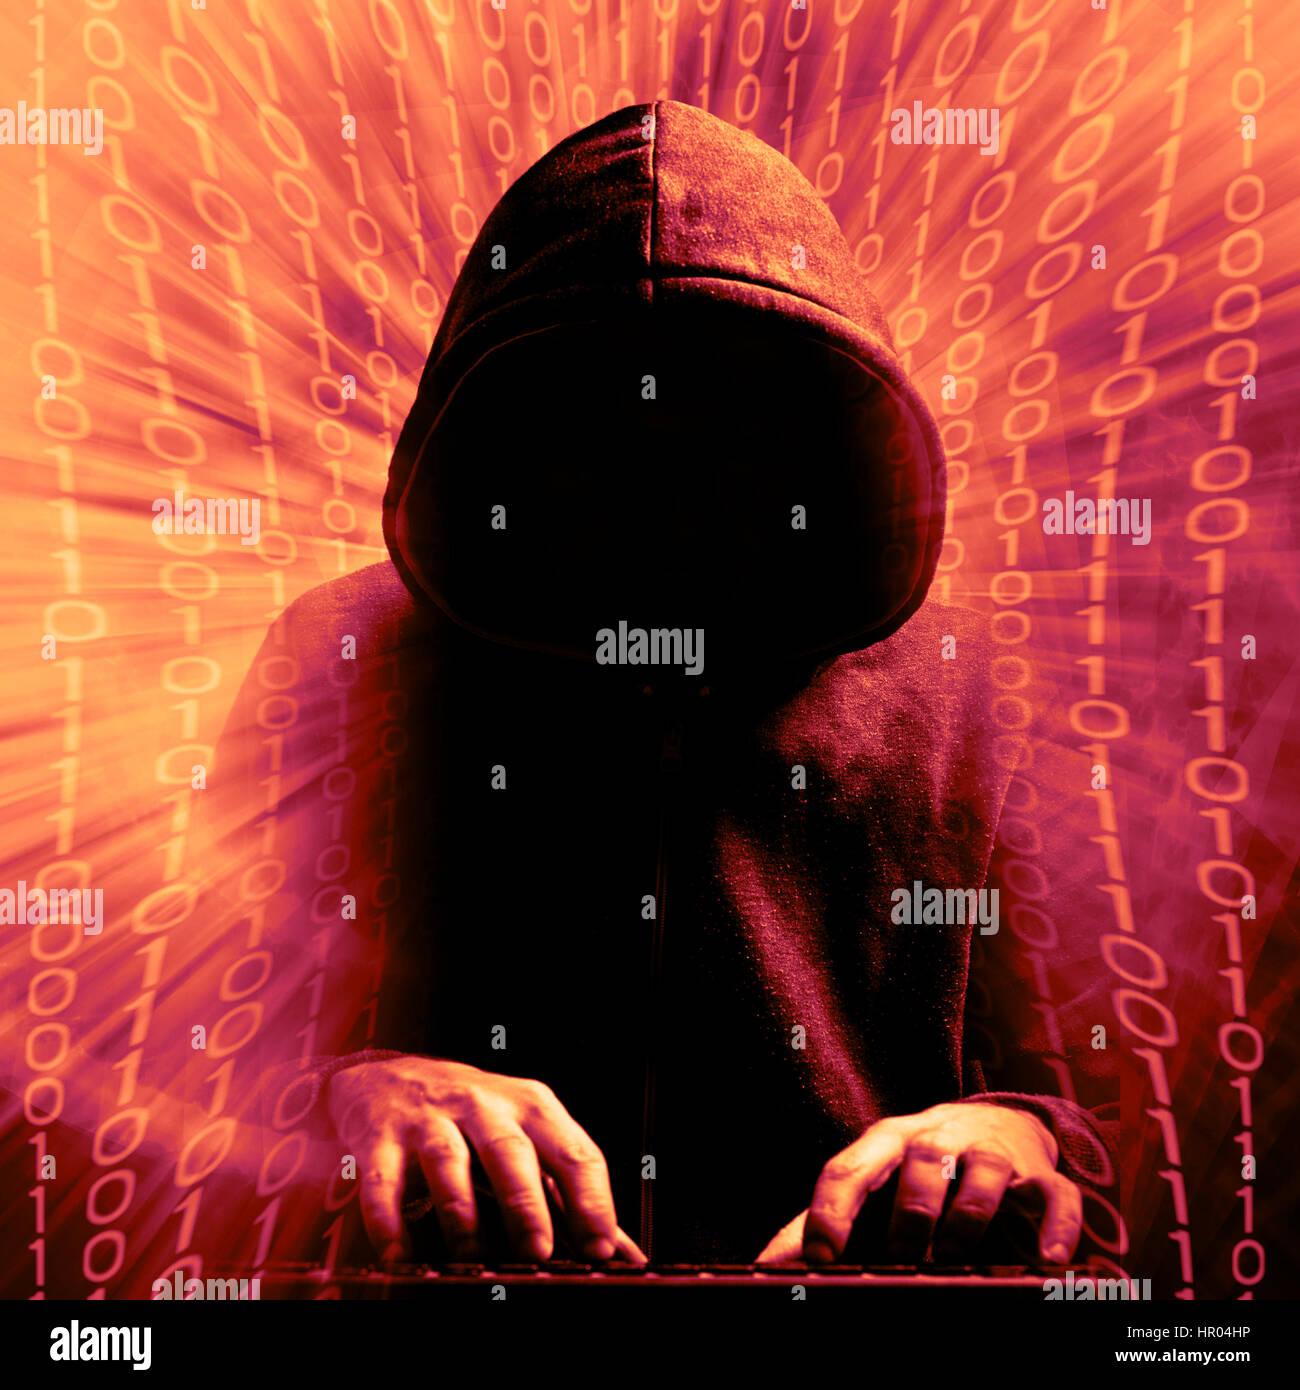 Hacker in Aktion, Cybercrime-Konzept Stockbild